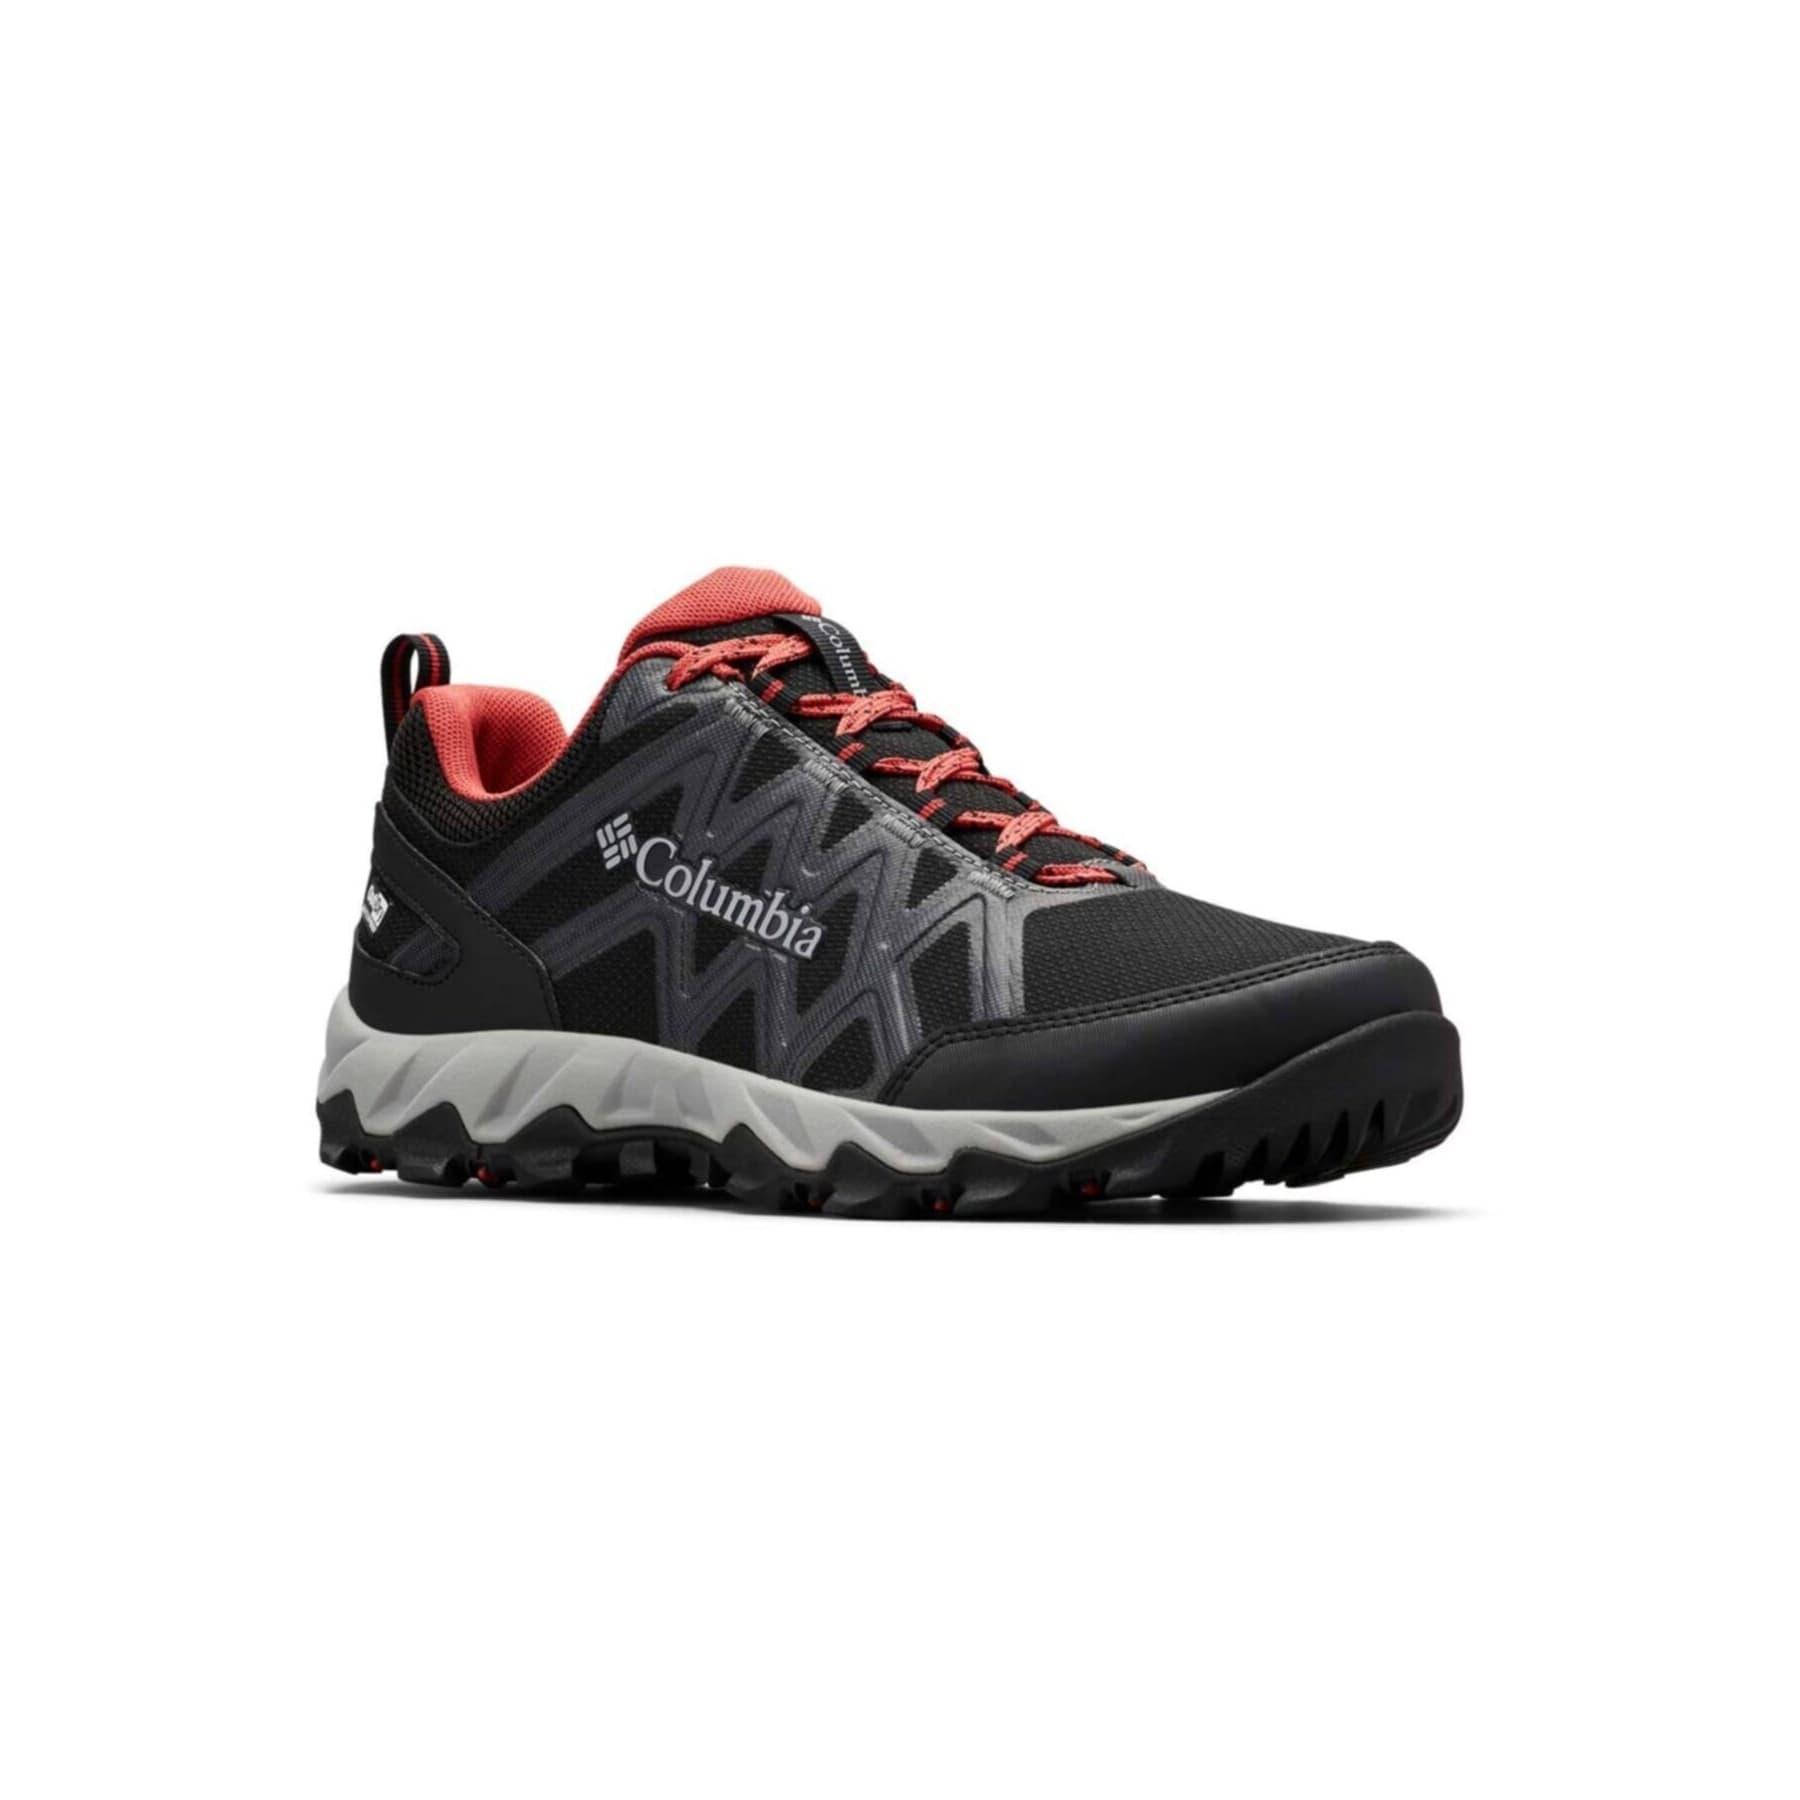 Peakfreak X2 Outdry Kadın Siyah Outdoor Ayakkabı